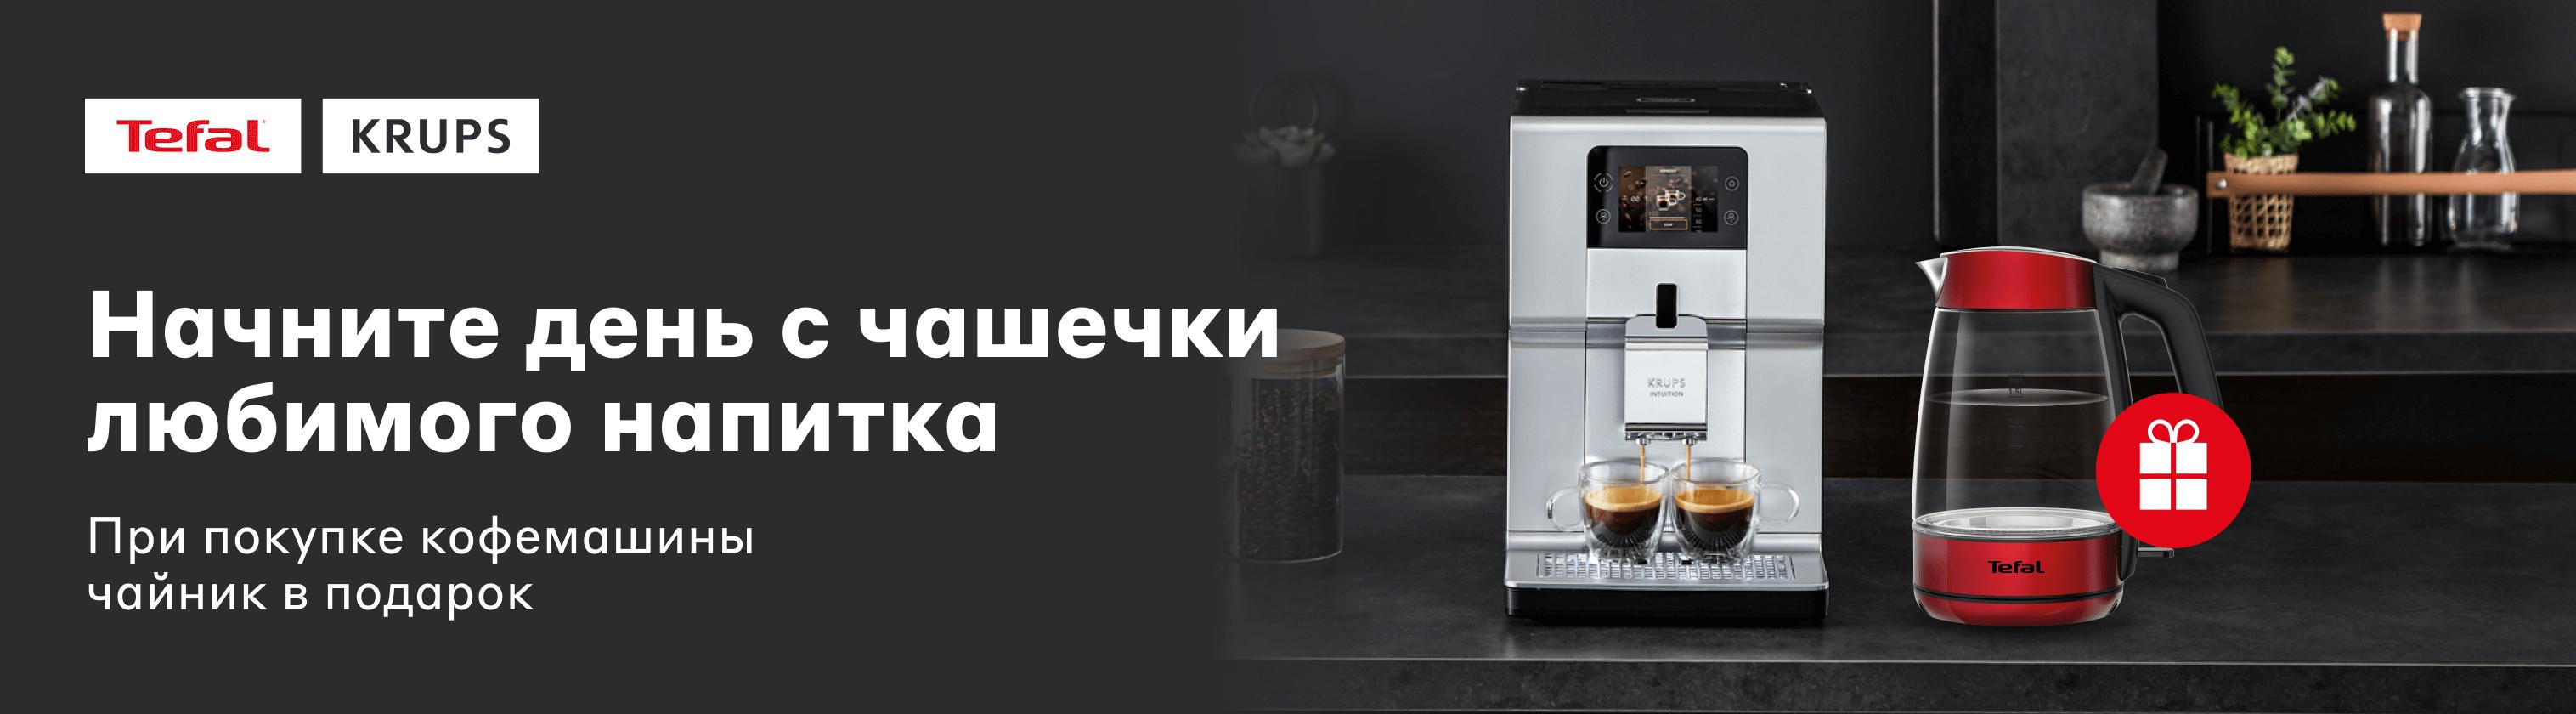 При покупке кофемашины Krups получи чайник Tefal в подарок.